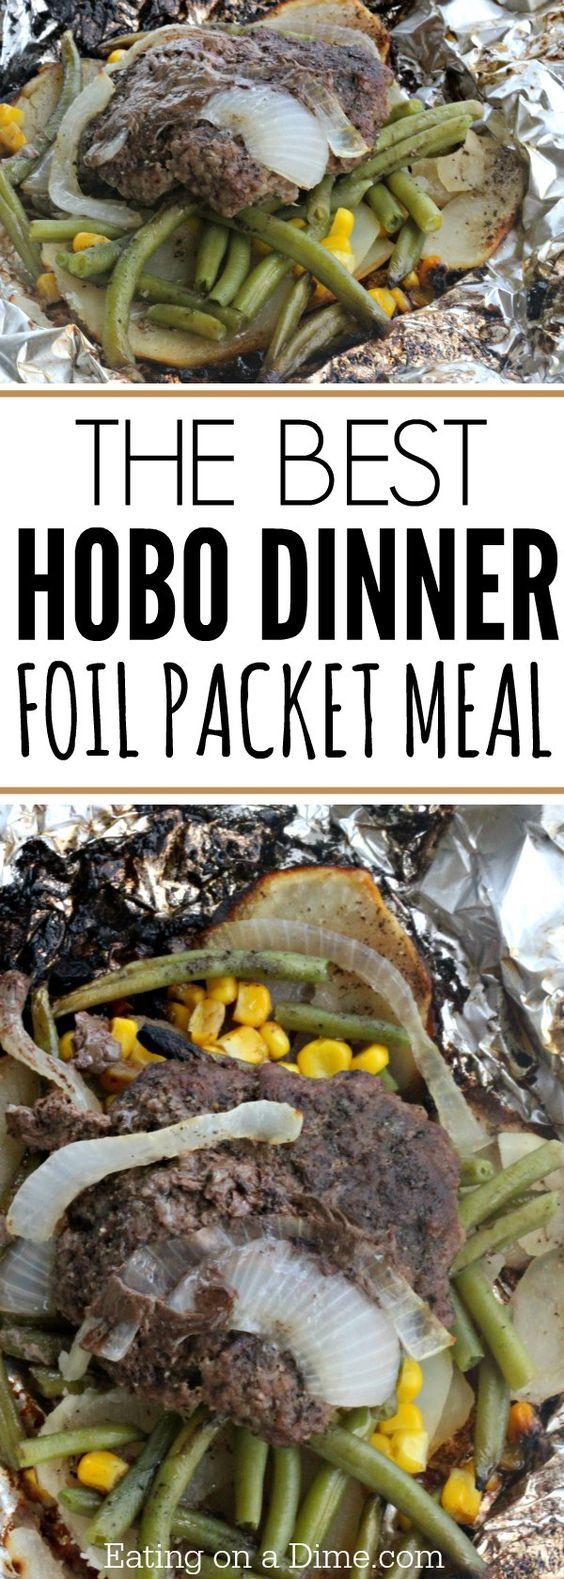 Hobo Dinner Foil Packet Meal The best hobo dinner recipe